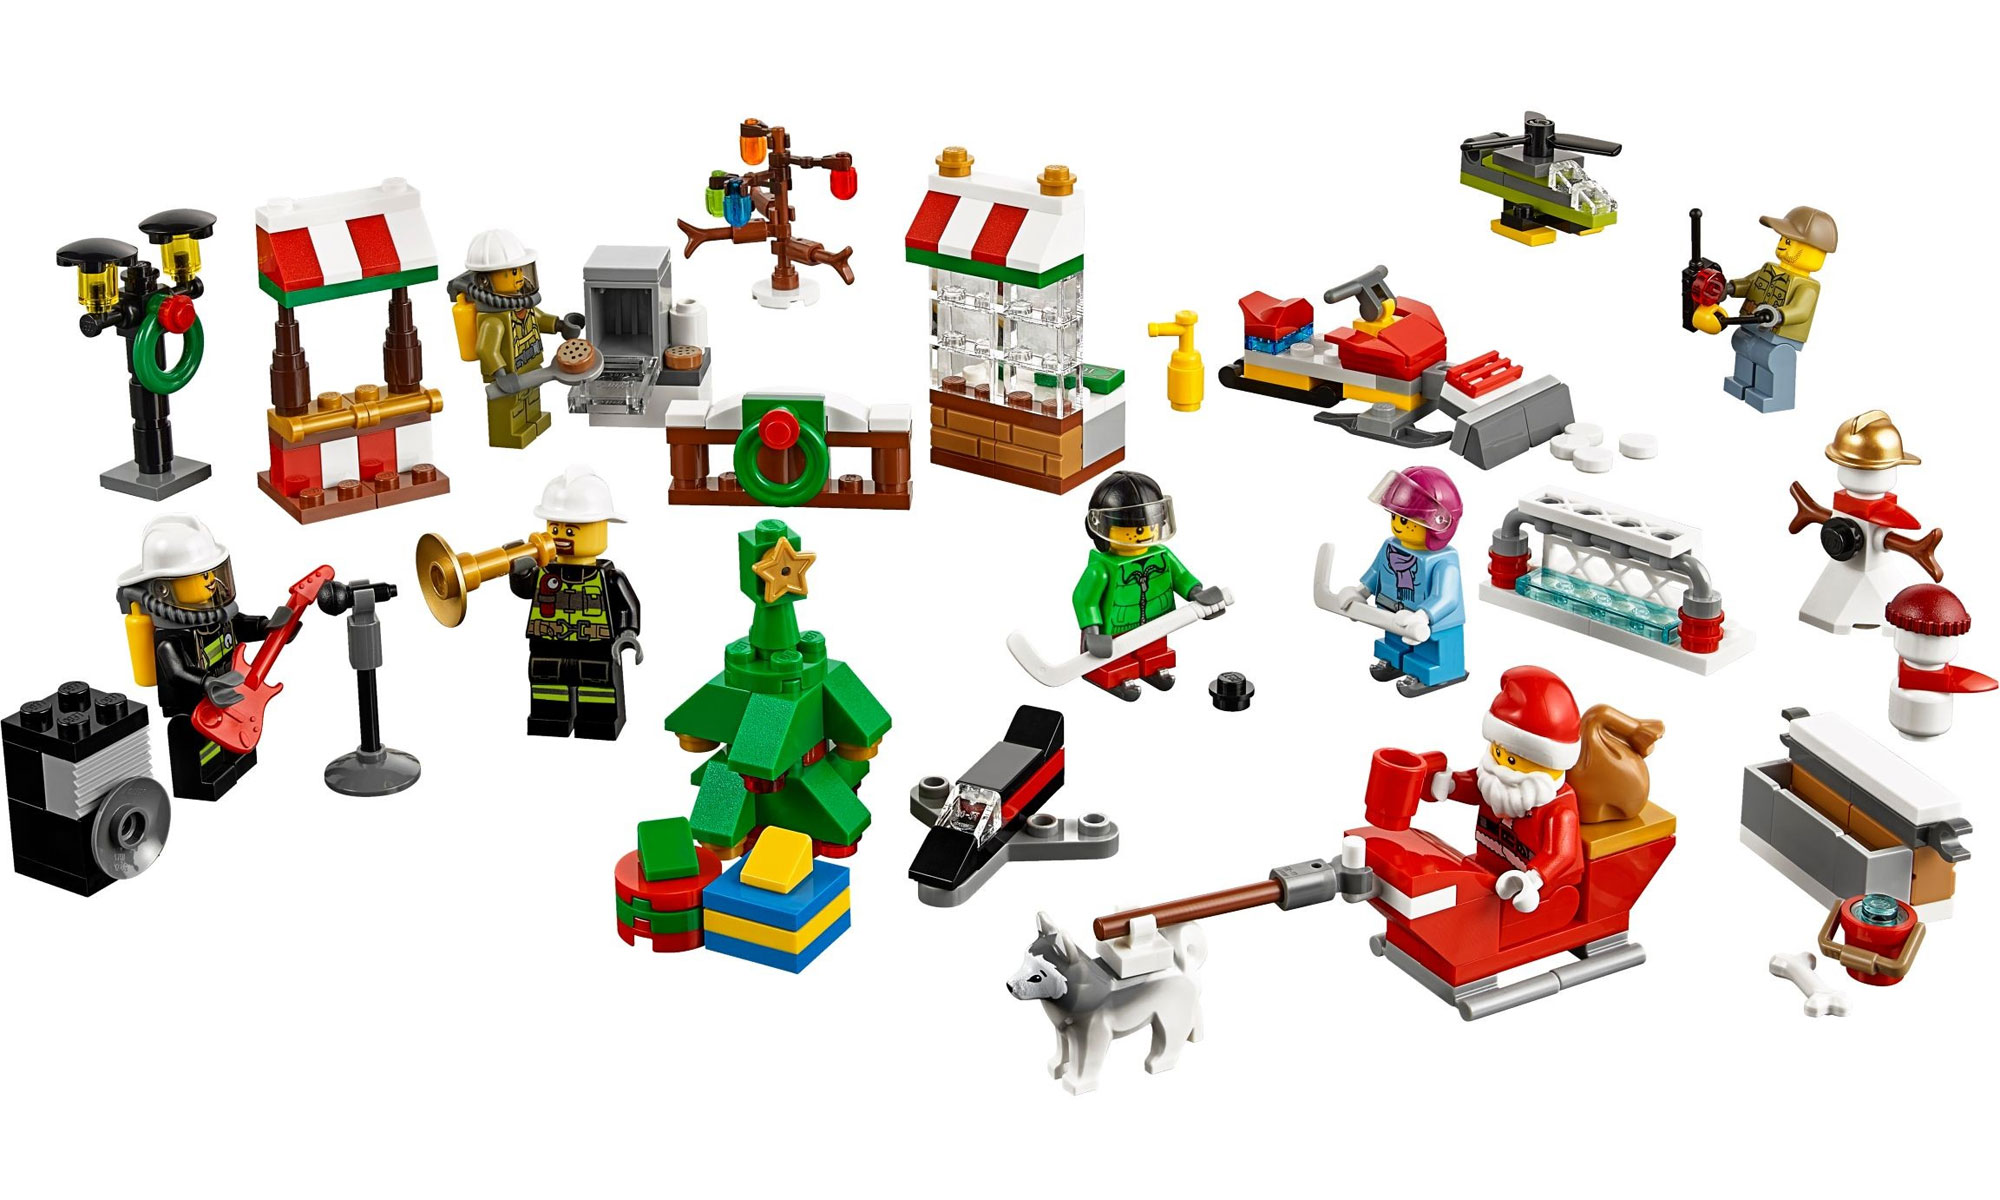 lego 60133 lego city lego city advent calendar lego. Black Bedroom Furniture Sets. Home Design Ideas